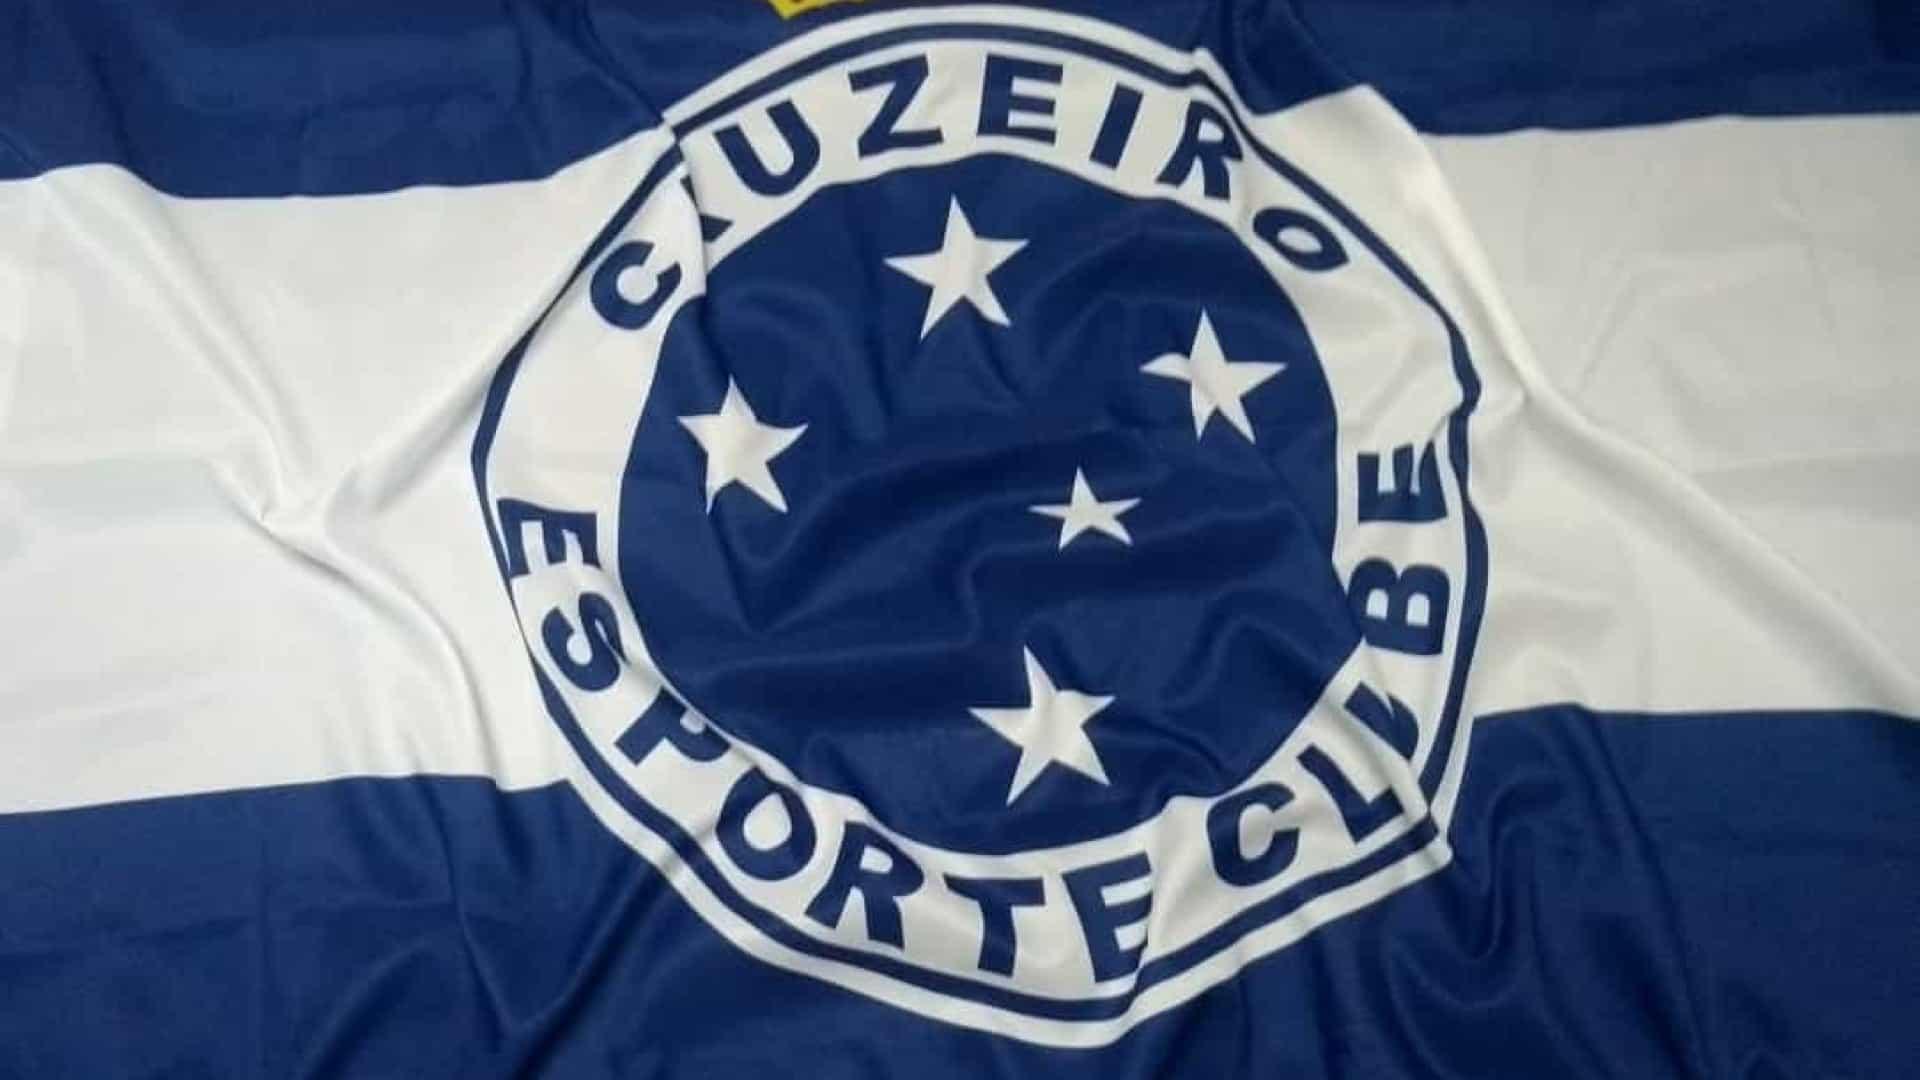 Cruzeiro revê ex-técnico com sucessor já ameaçado de demissão